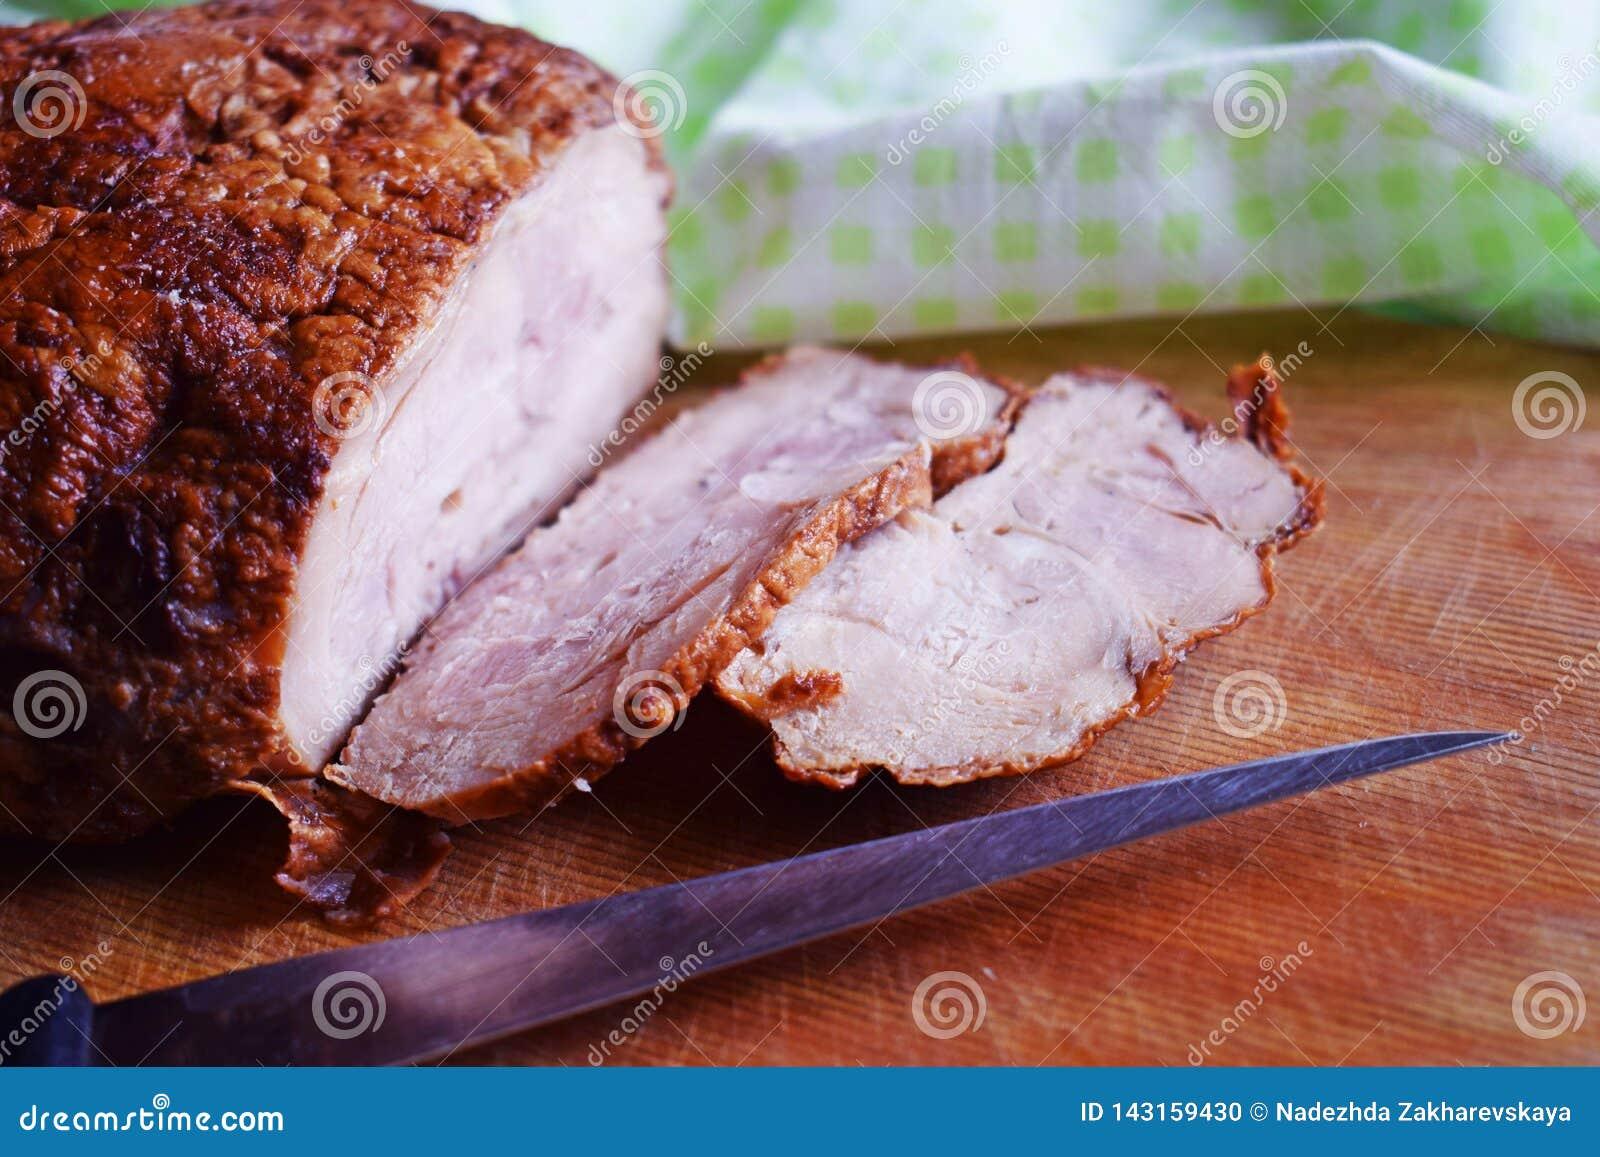 Heerlijk gebakken vlees